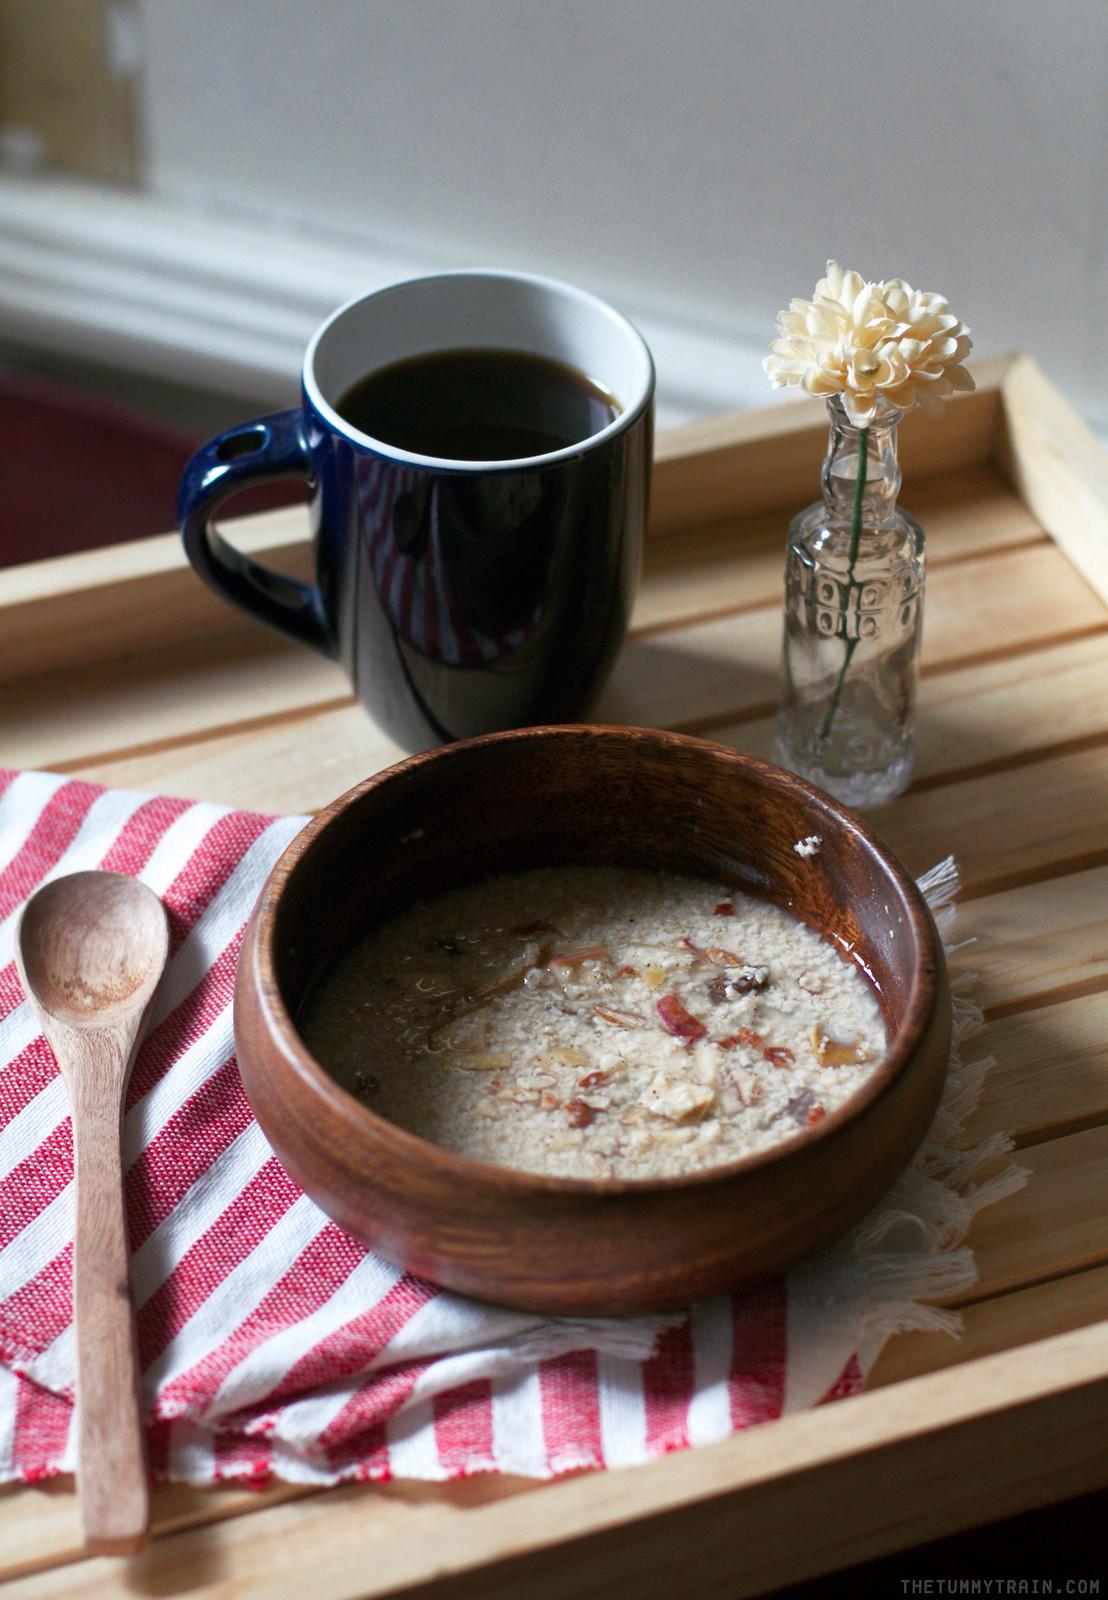 30089870755 6dd8bf800d h - Why it's a-okay to start the day with a bowl of Quaker Oats